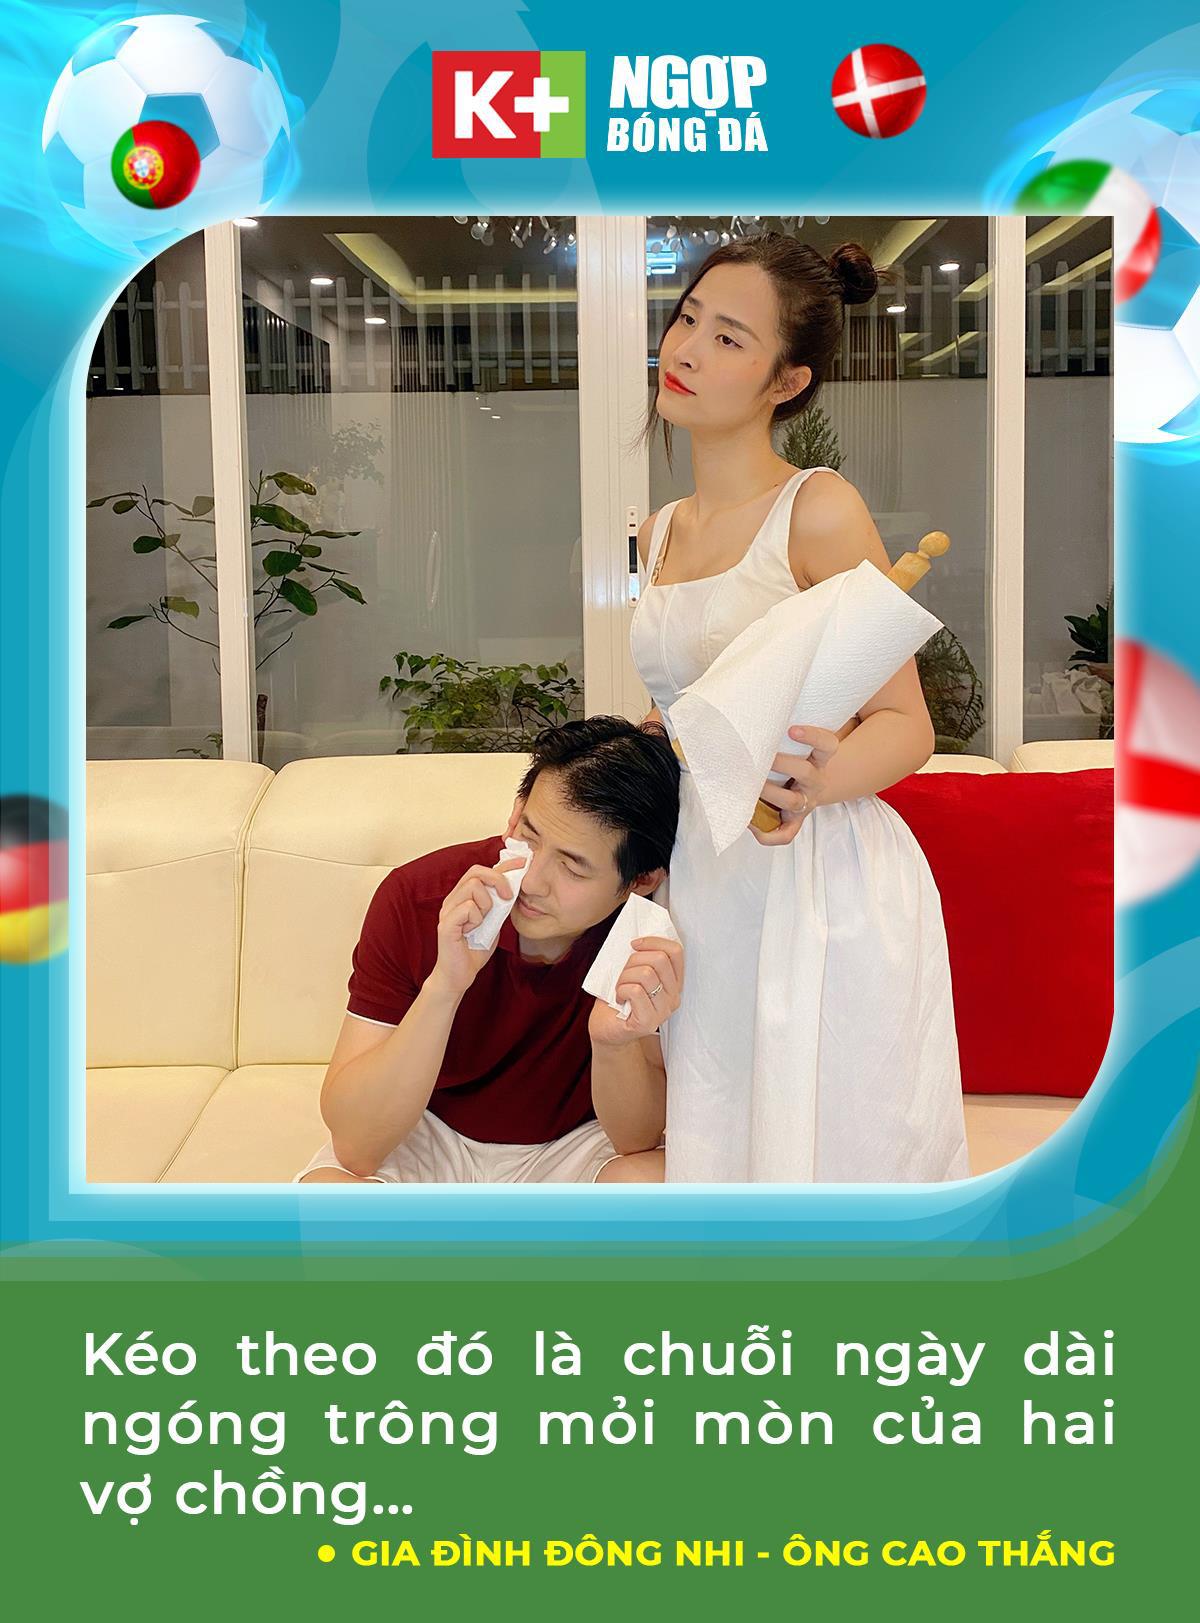 """Học tập Đông Nhi, Trang Lou tiếp sức cho chồng """"cháy"""" cùng UEFA Euro 2020™ trên K+ - Ảnh 2."""